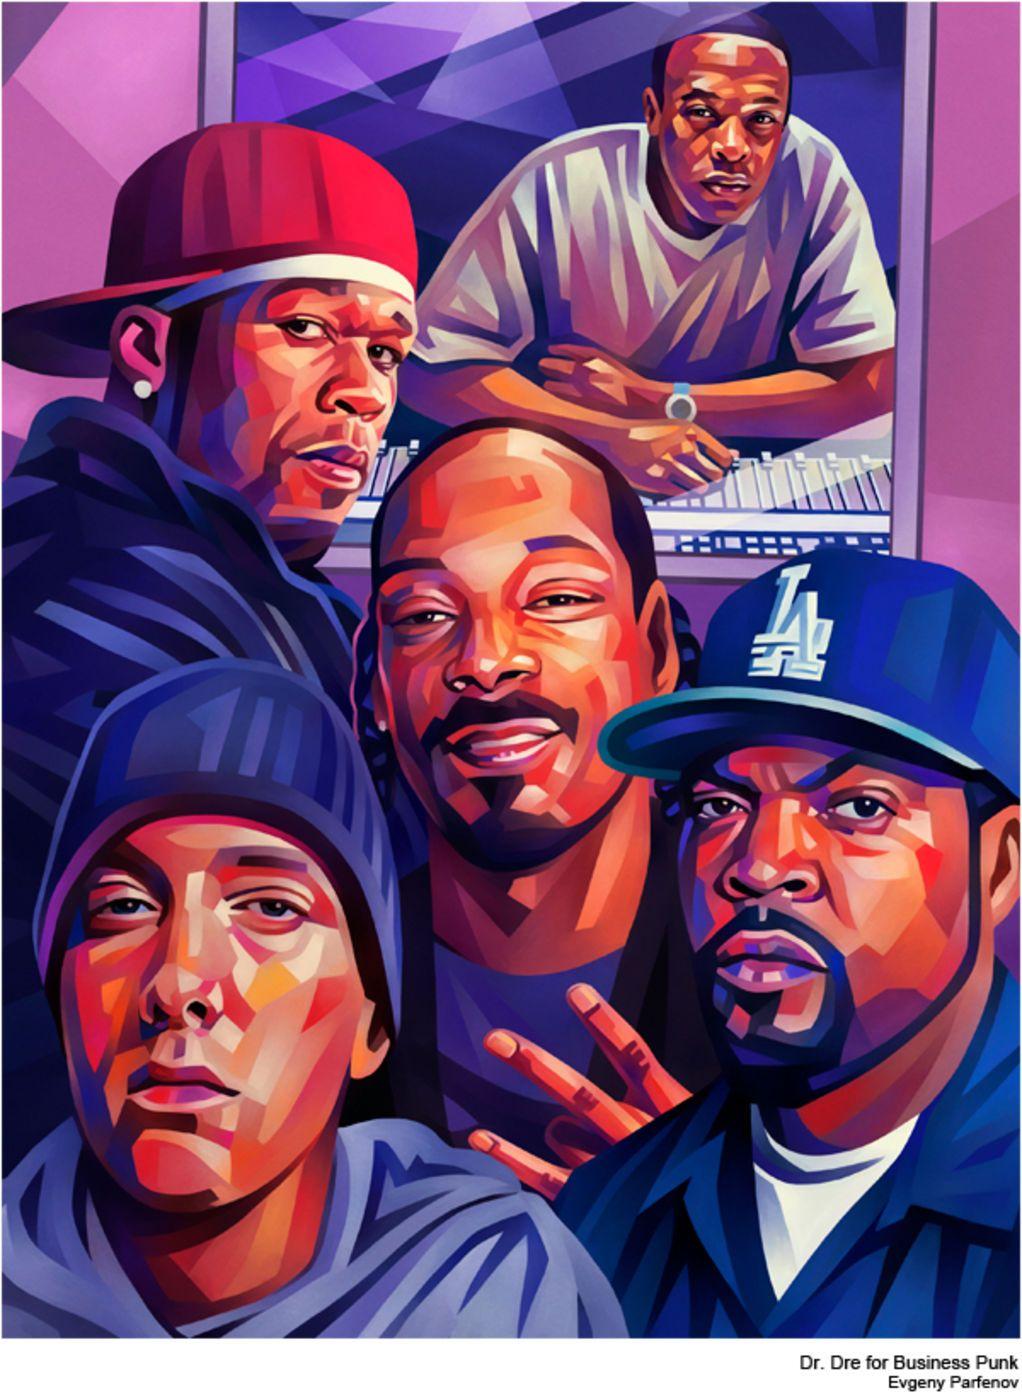 Unique Colourful Portraits Of Celebrities By Evgeny Parfenov Hip Hop Art Hip Hop Artwork Rapper Art